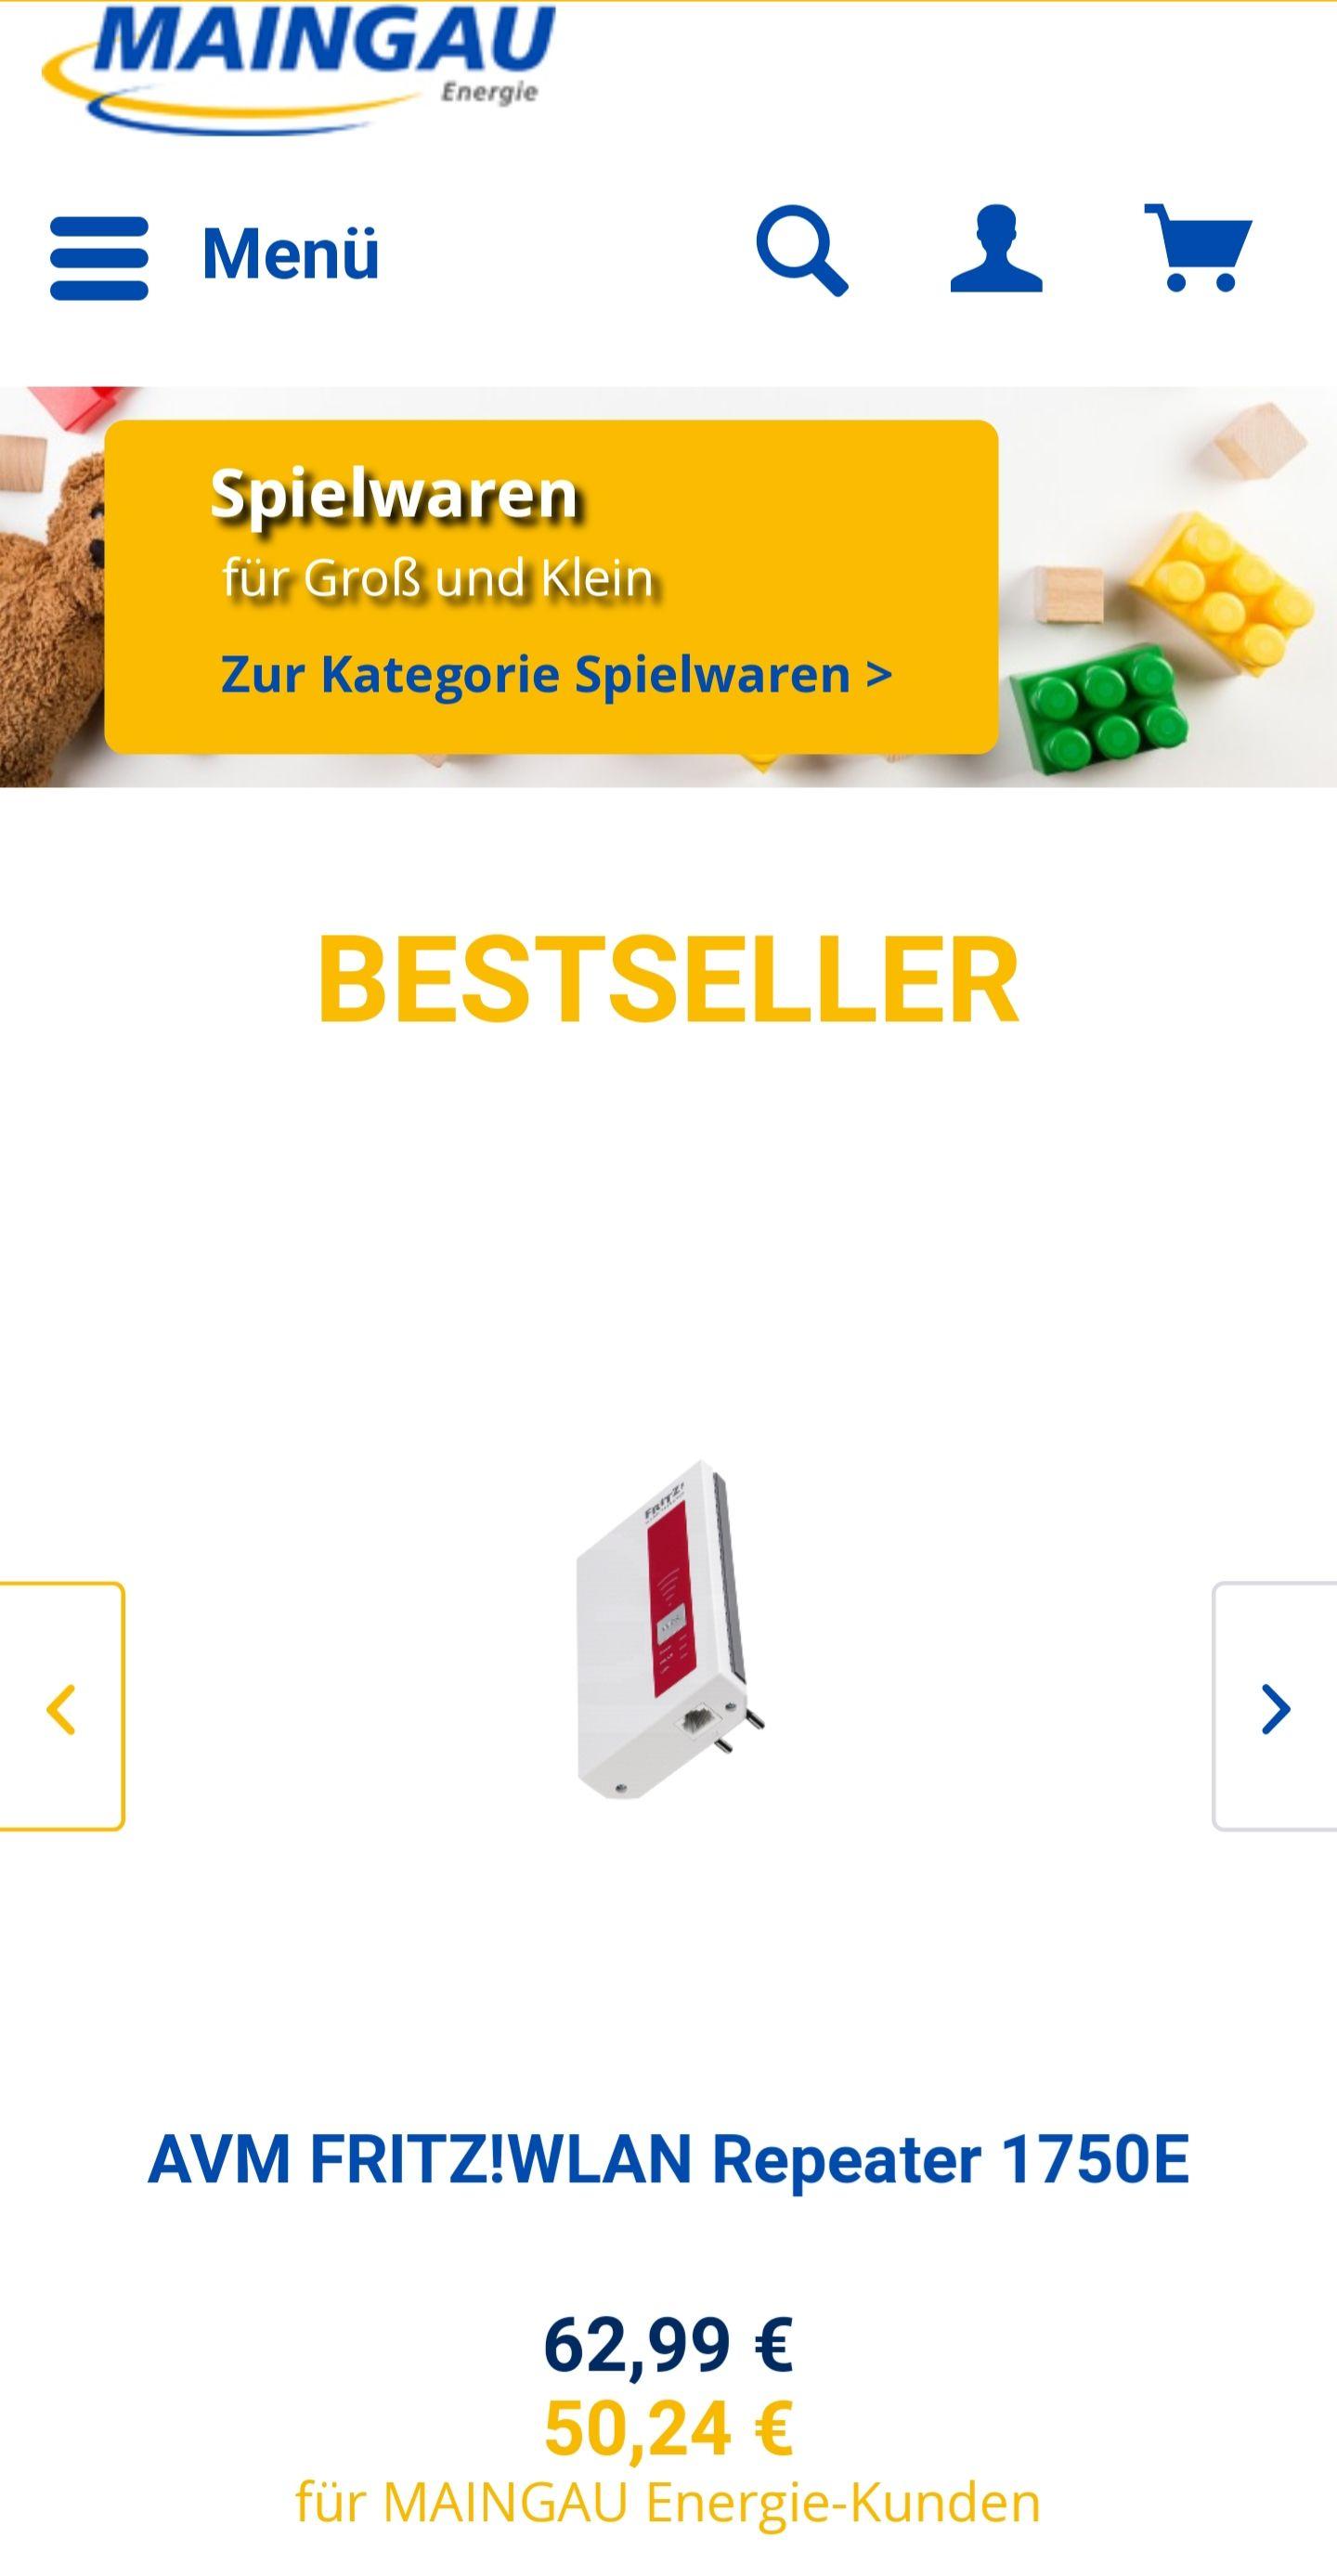 Maingau-Energieshop [Nur für Maingaukunden] z.B. Fritz1750e für 50 eur